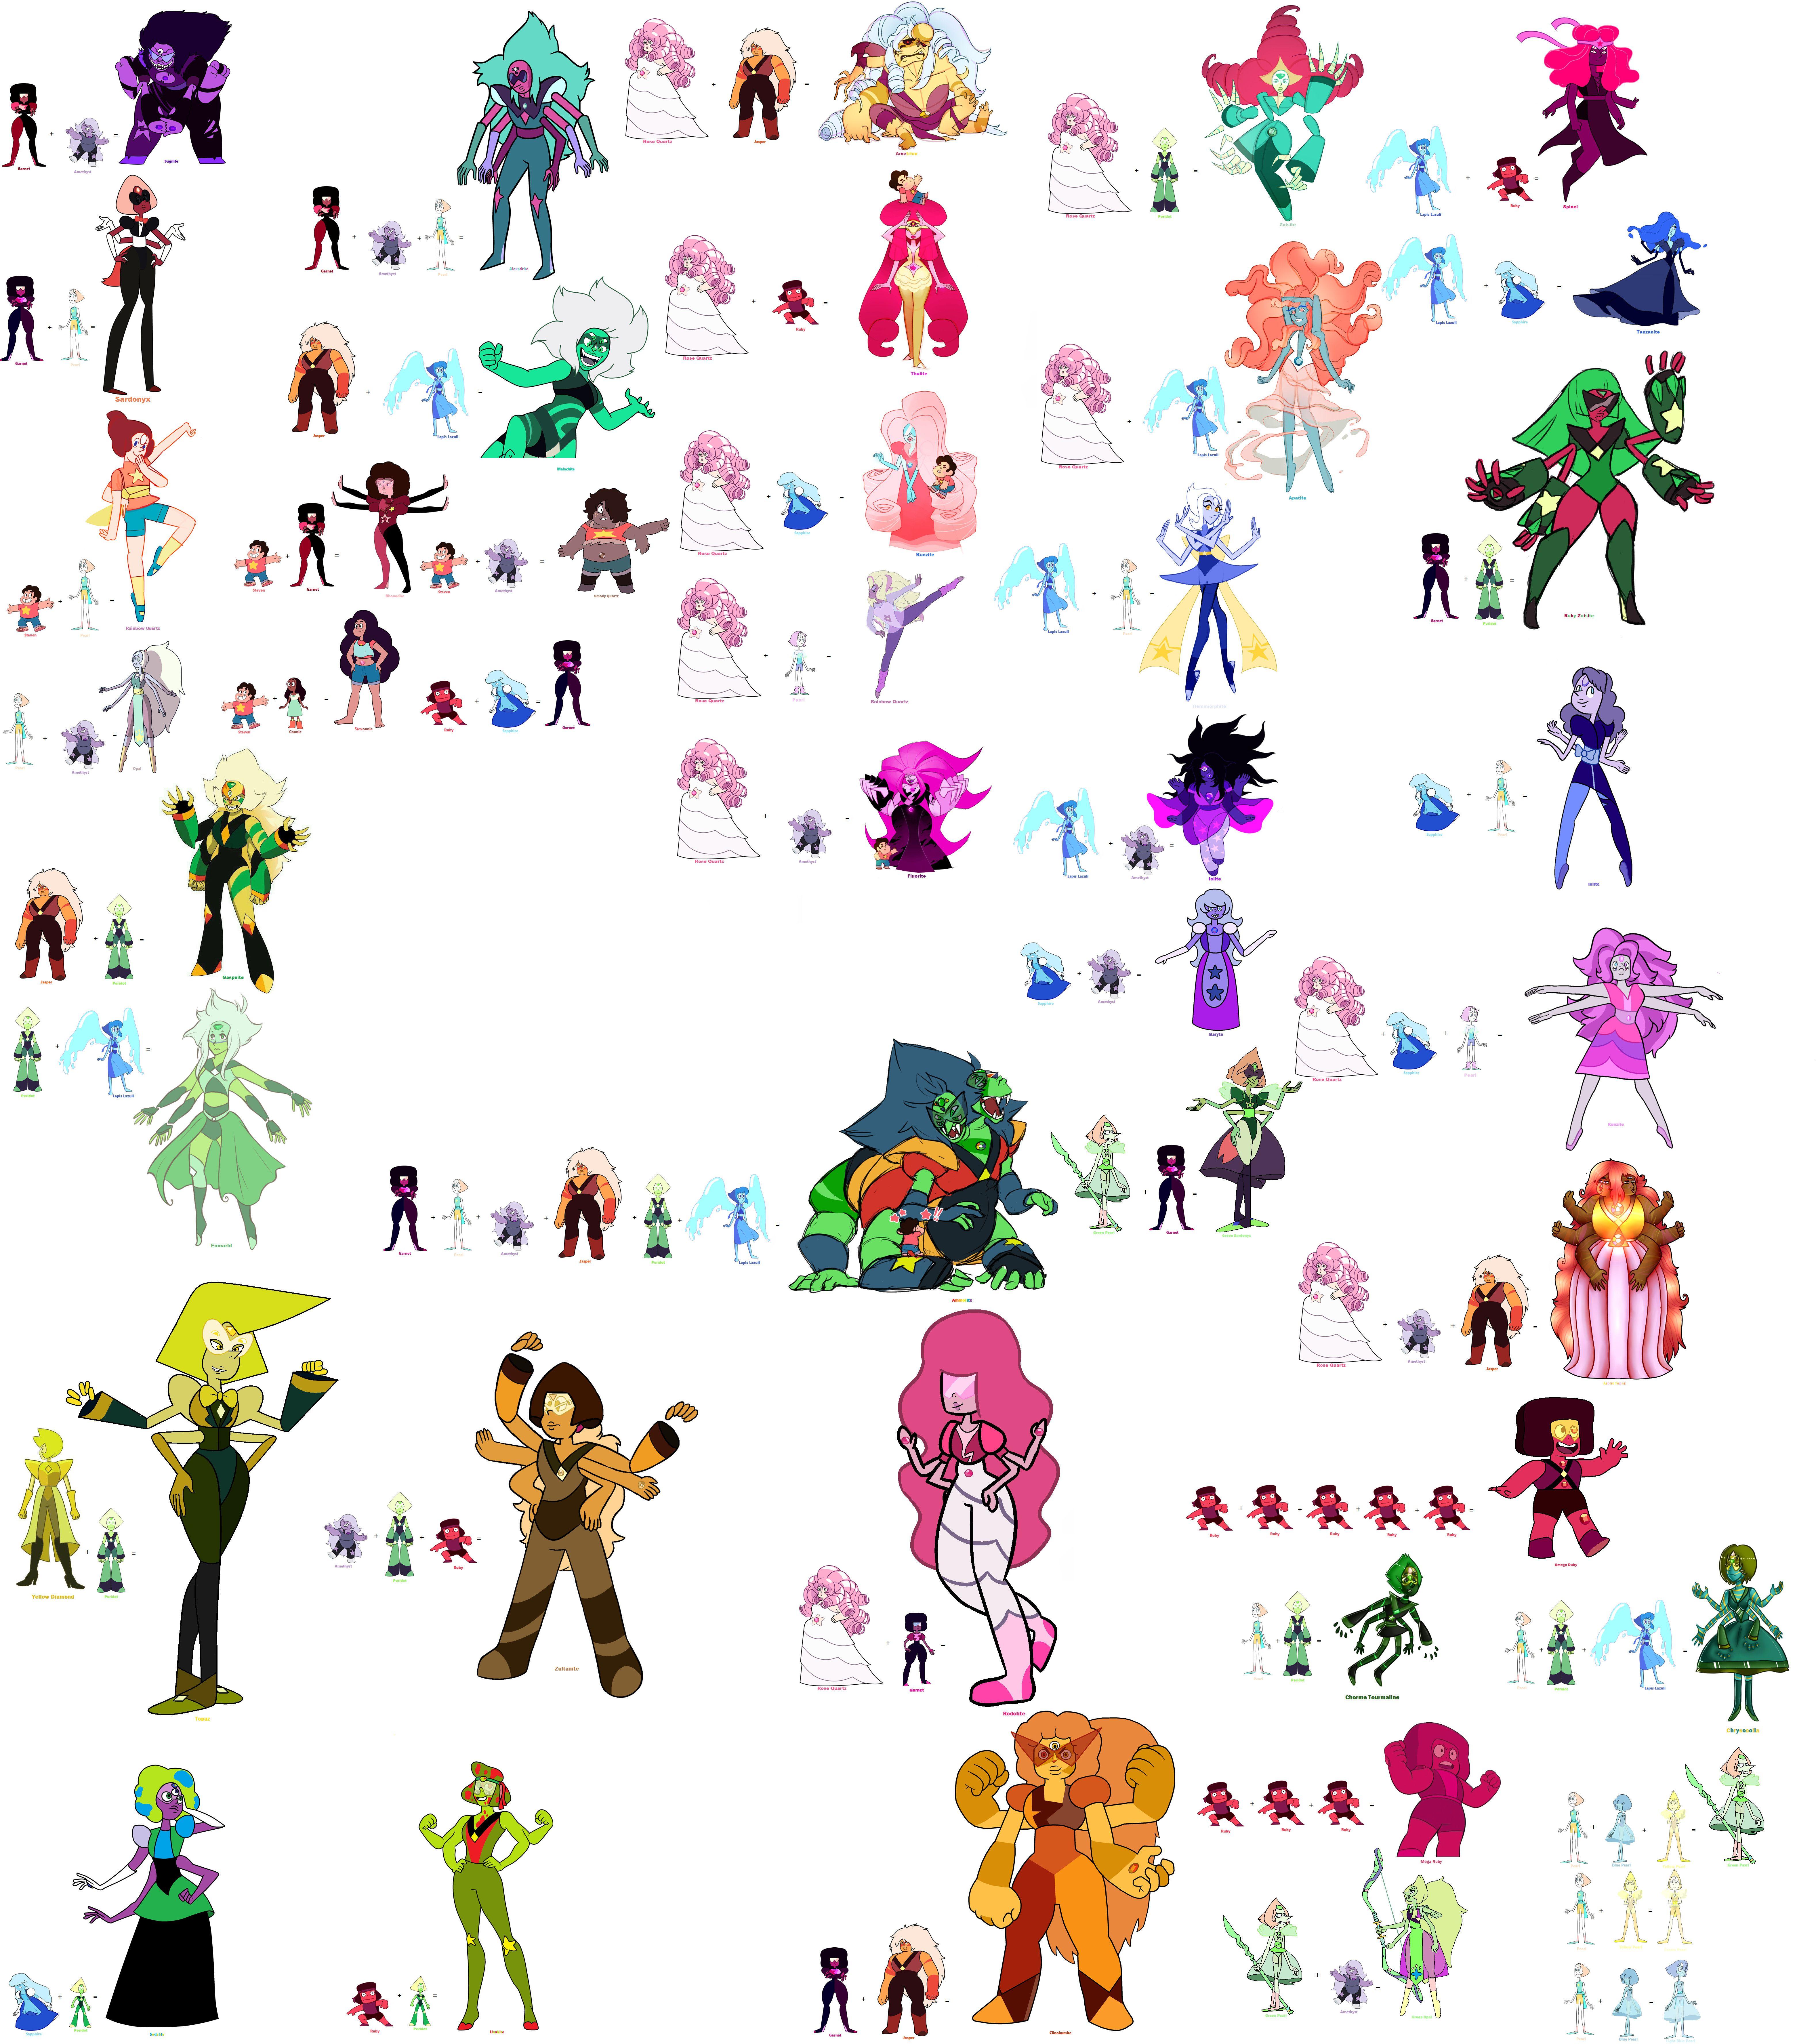 crystal_gems_fusions_2_by_bfdifan1234-d8lktj4.jpg (6312×7104)